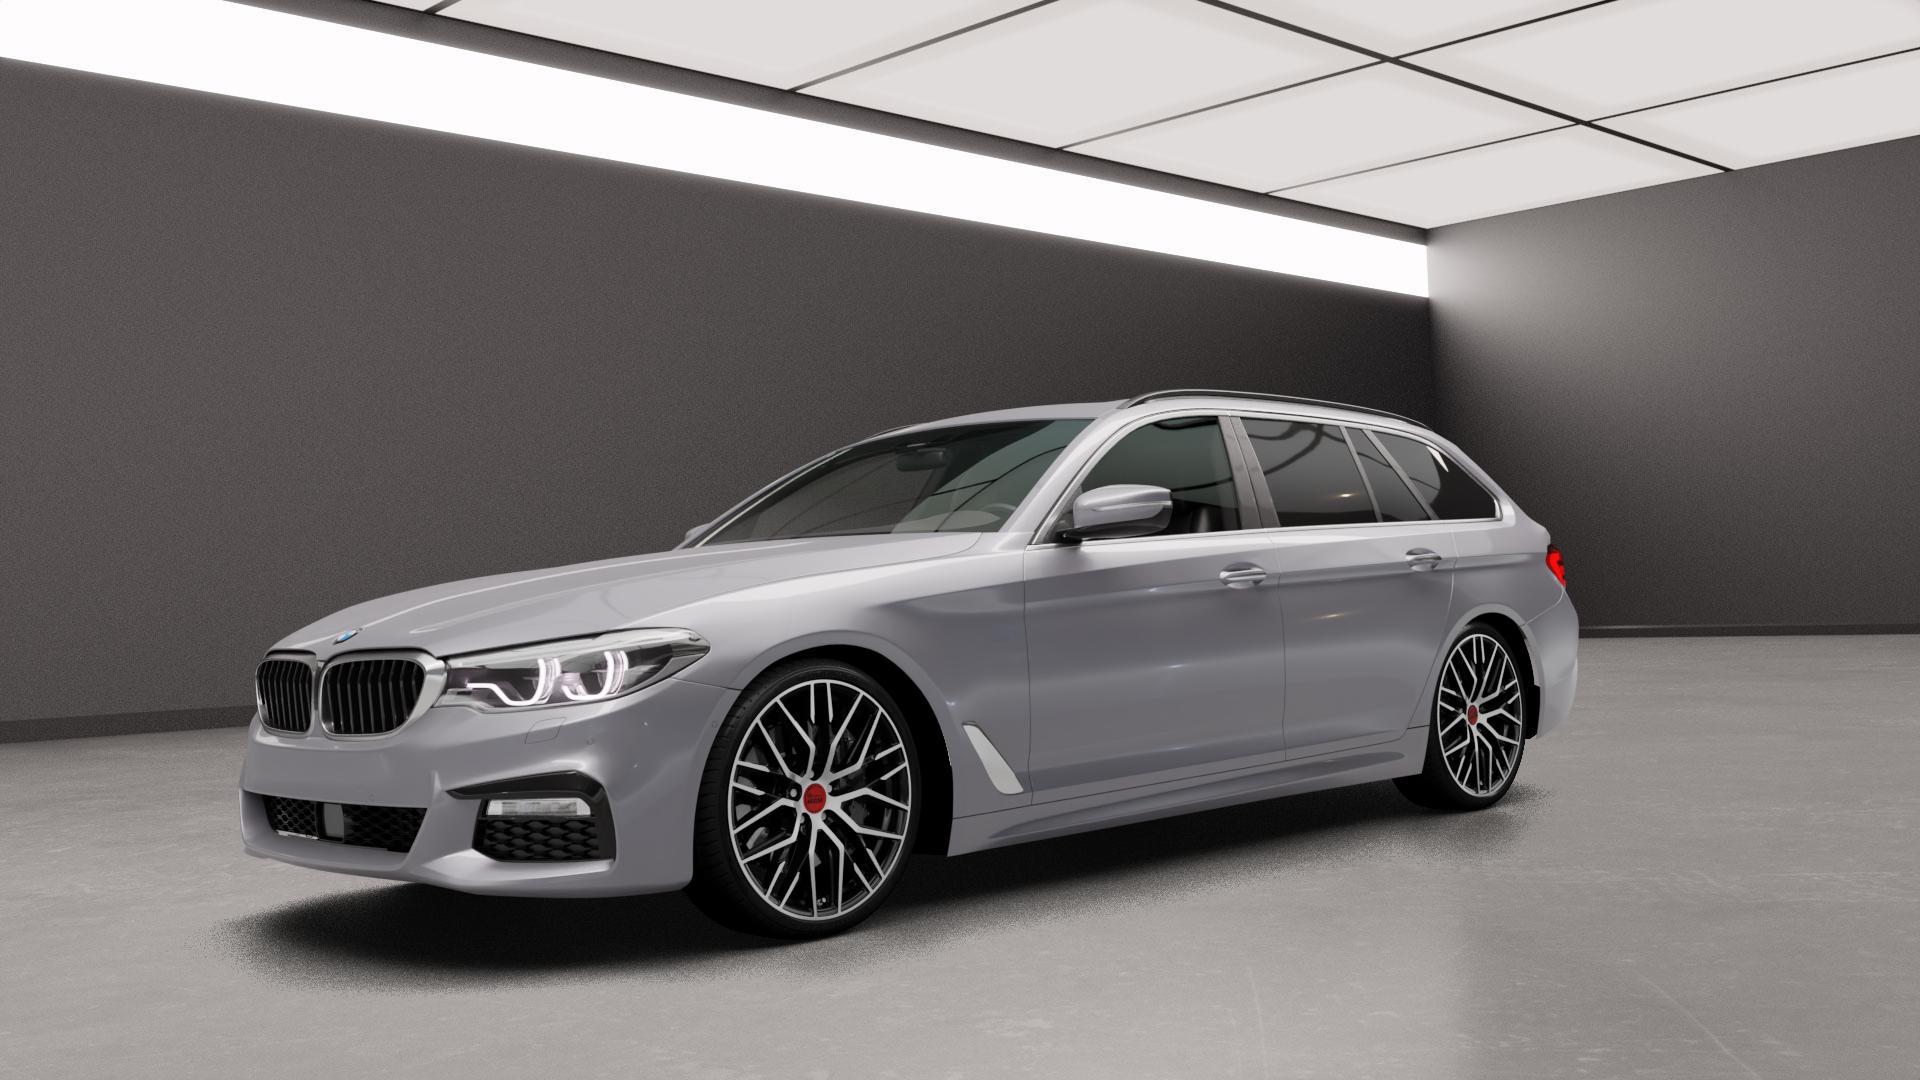 MAM RS4 BLACK FRONT POLISH Felge mit Reifen schwarz in 20Zoll Alufelge auf silbernem BMW 5er G31 Touring (G5K) ⬇️ mit 15mm Tieferlegung ⬇️ Neutral_mid_max5300mm Frontansicht_1